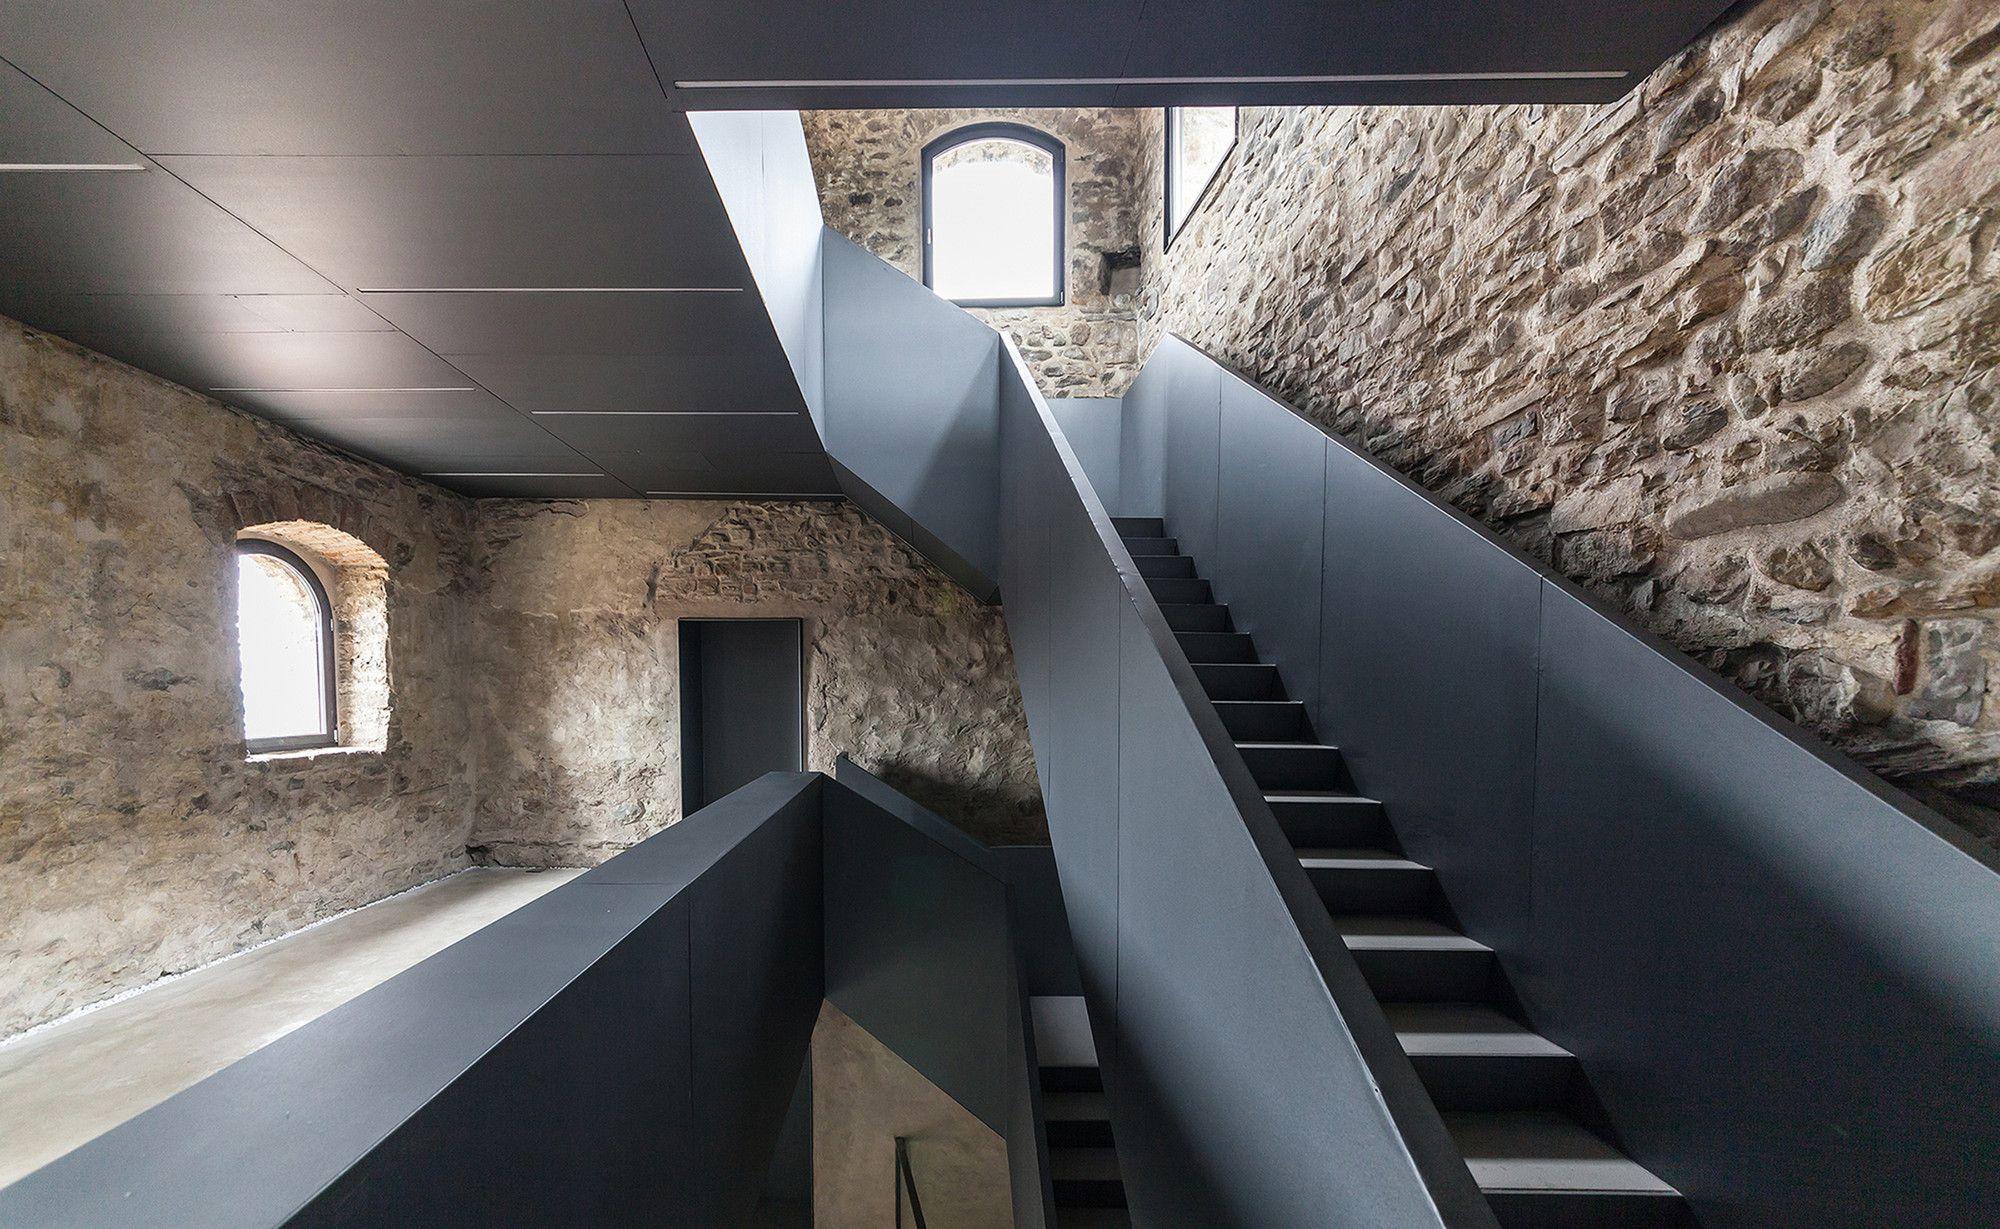 Architetti A Bergamo torre del borgo / cn10 architetti (con immagini) | disegno